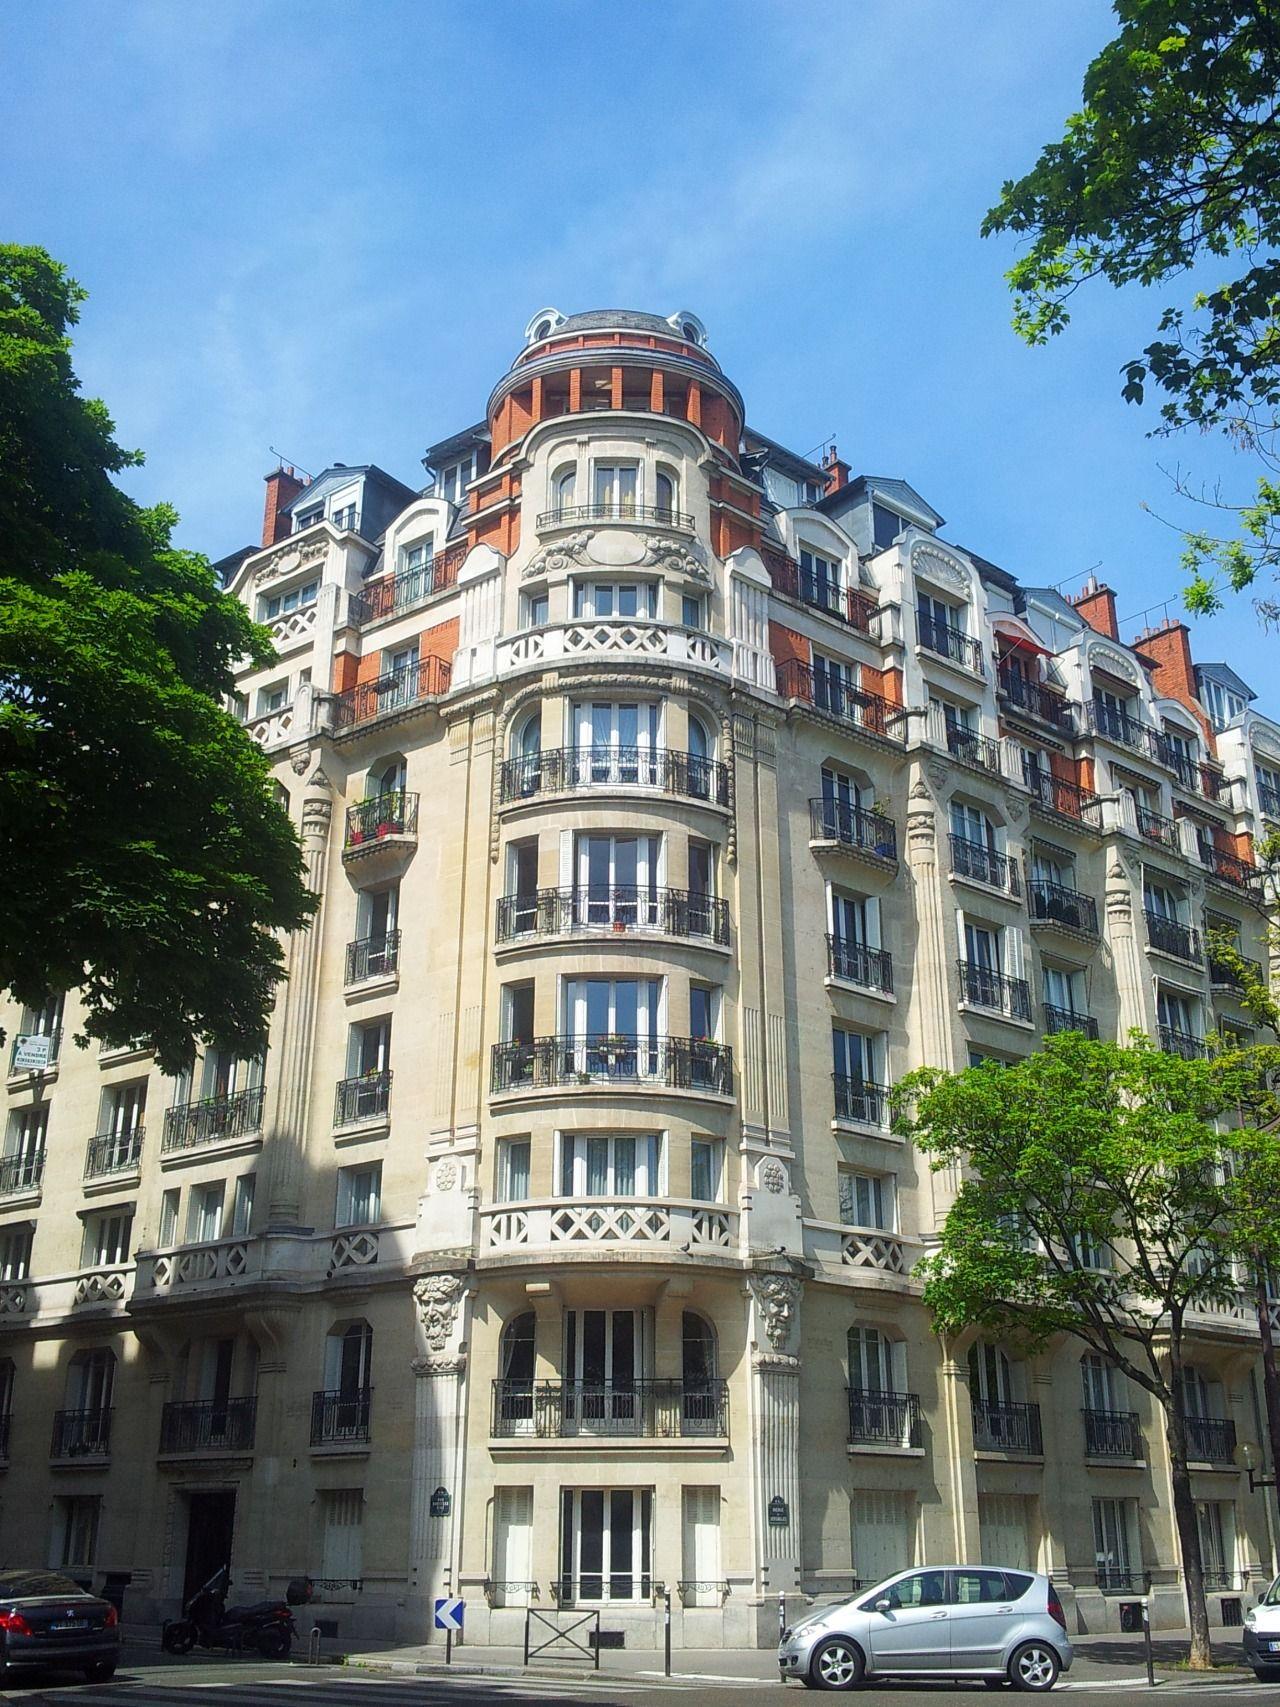 Haussmann a exigé que les bâtiments le long des nouveaux boulevards être soit construites ou confrontés à la pierre de taille, calcaire généralement de couleur crème, qui a donné plus d'harmonie à l'apparition des boulevards.